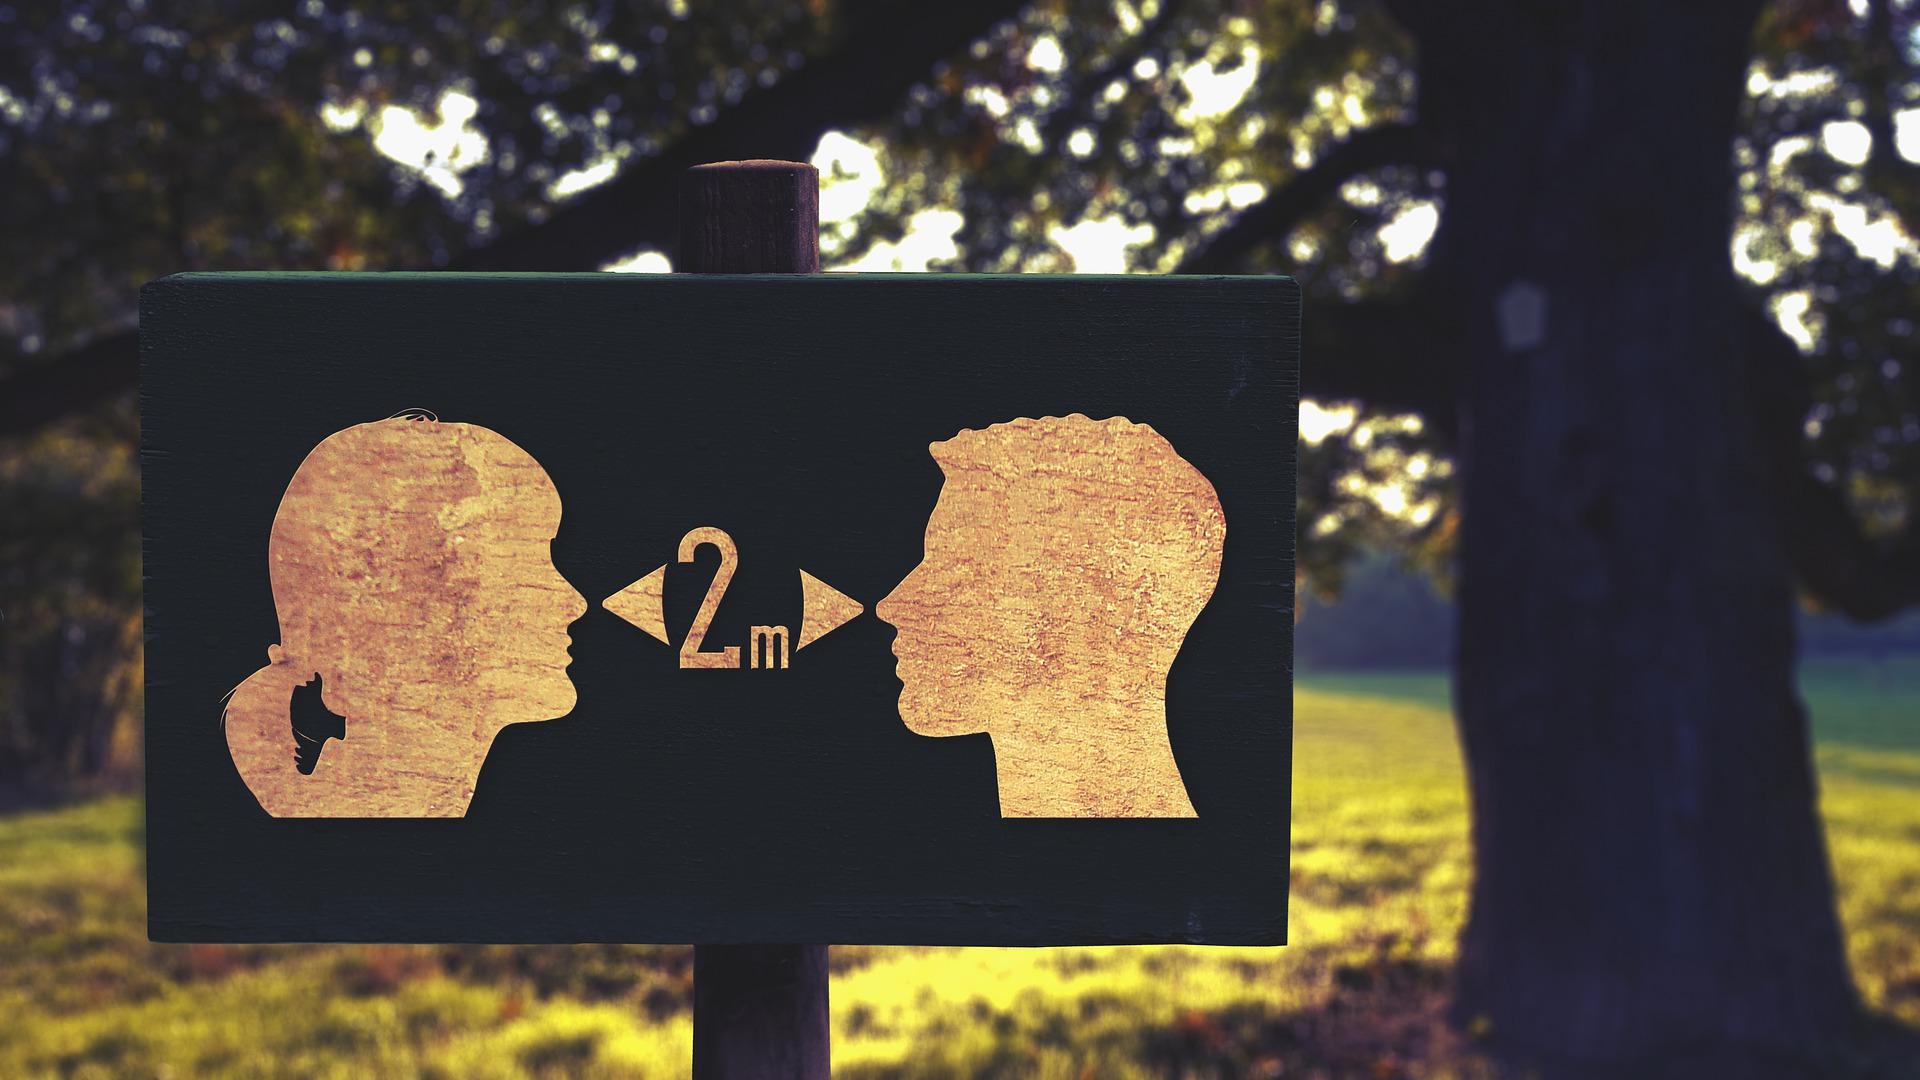 Gotas de saliva expulsadas durante el habla permanecen en el aires hasta por 14 minutos